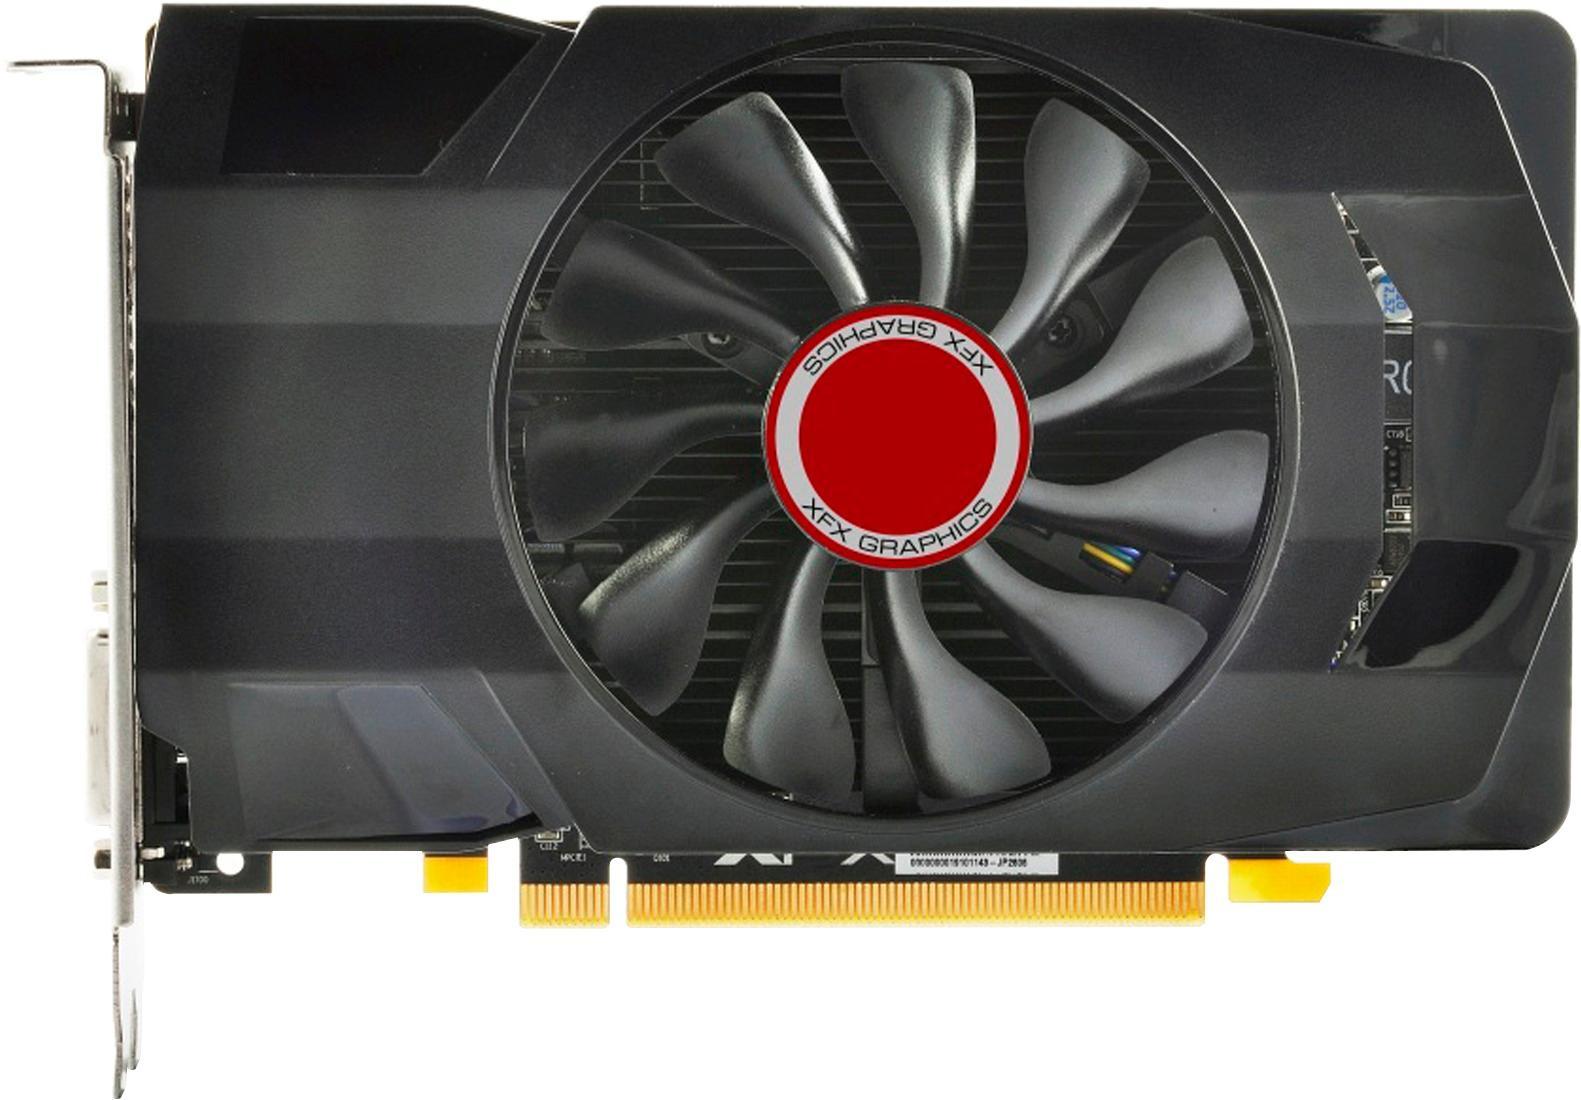 XFX - AMD Radeon RX 560 4GB GDDR5 PCI Express 3.0 Graphics Card - Black 1